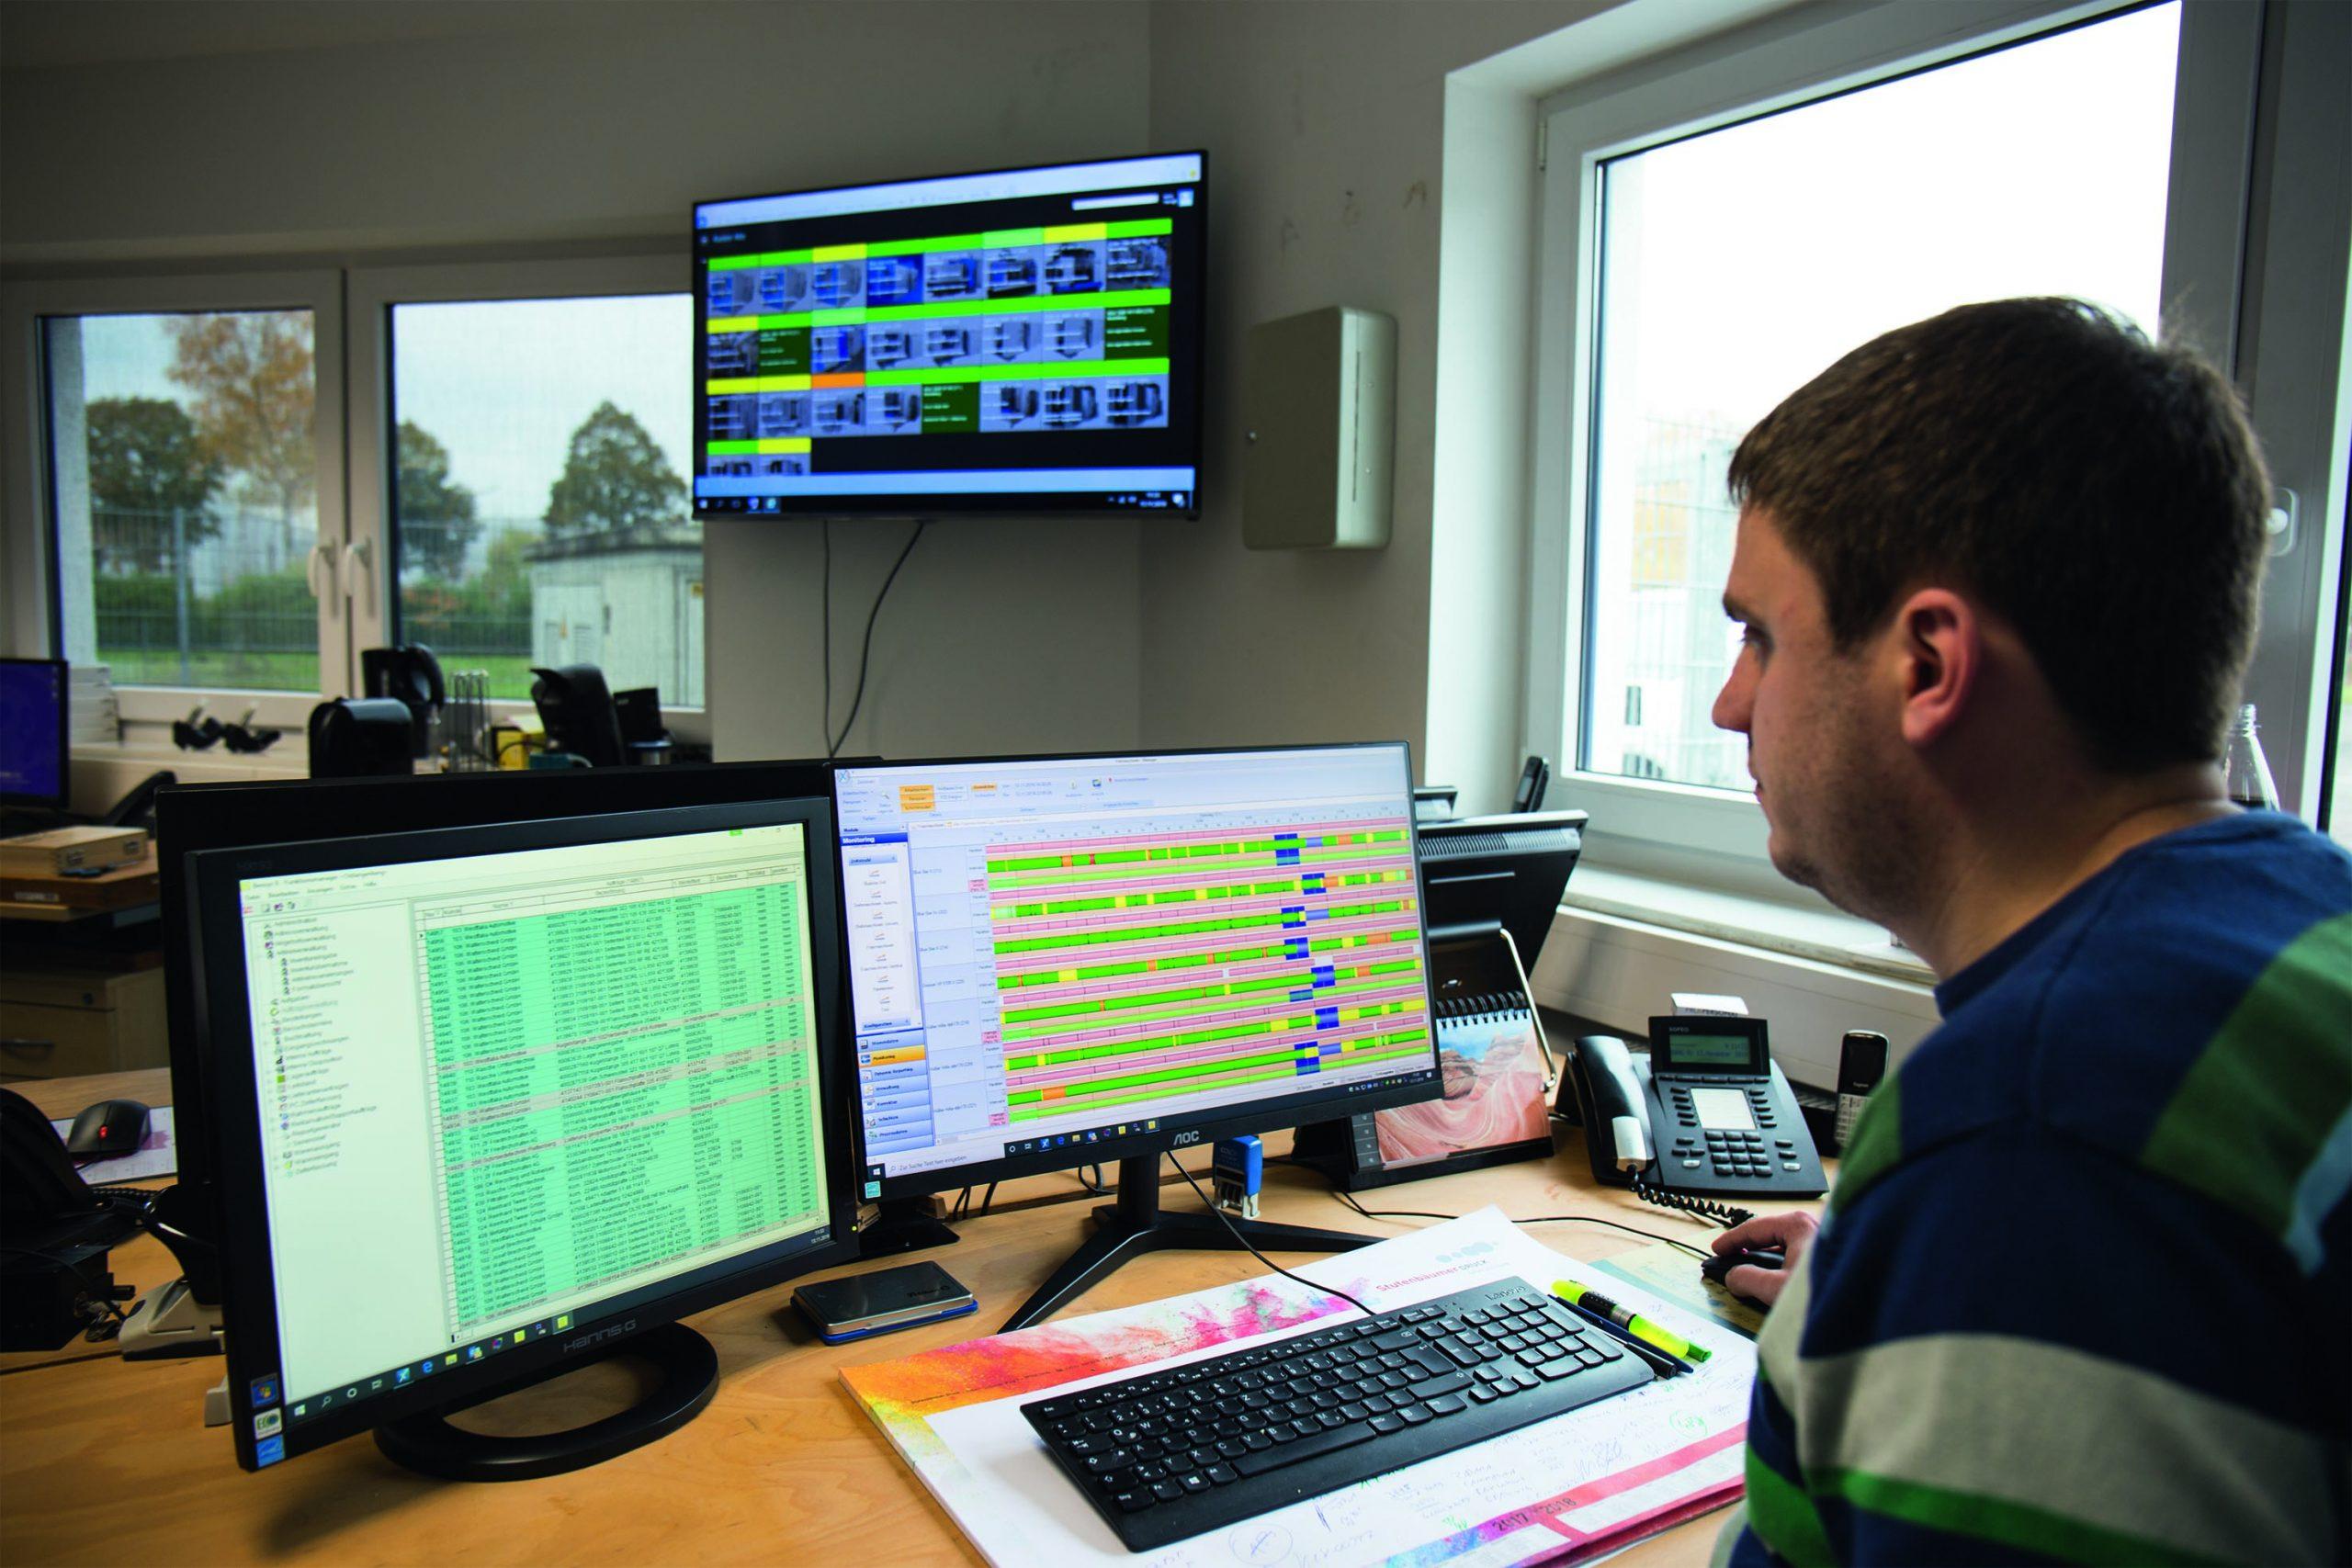 Der CNC-Maschinenpark umfasst 57 Maschinen. Mit der MES-Software behält der Planer dennoch stets den Überblick. (Bild: Proxia Software AG)